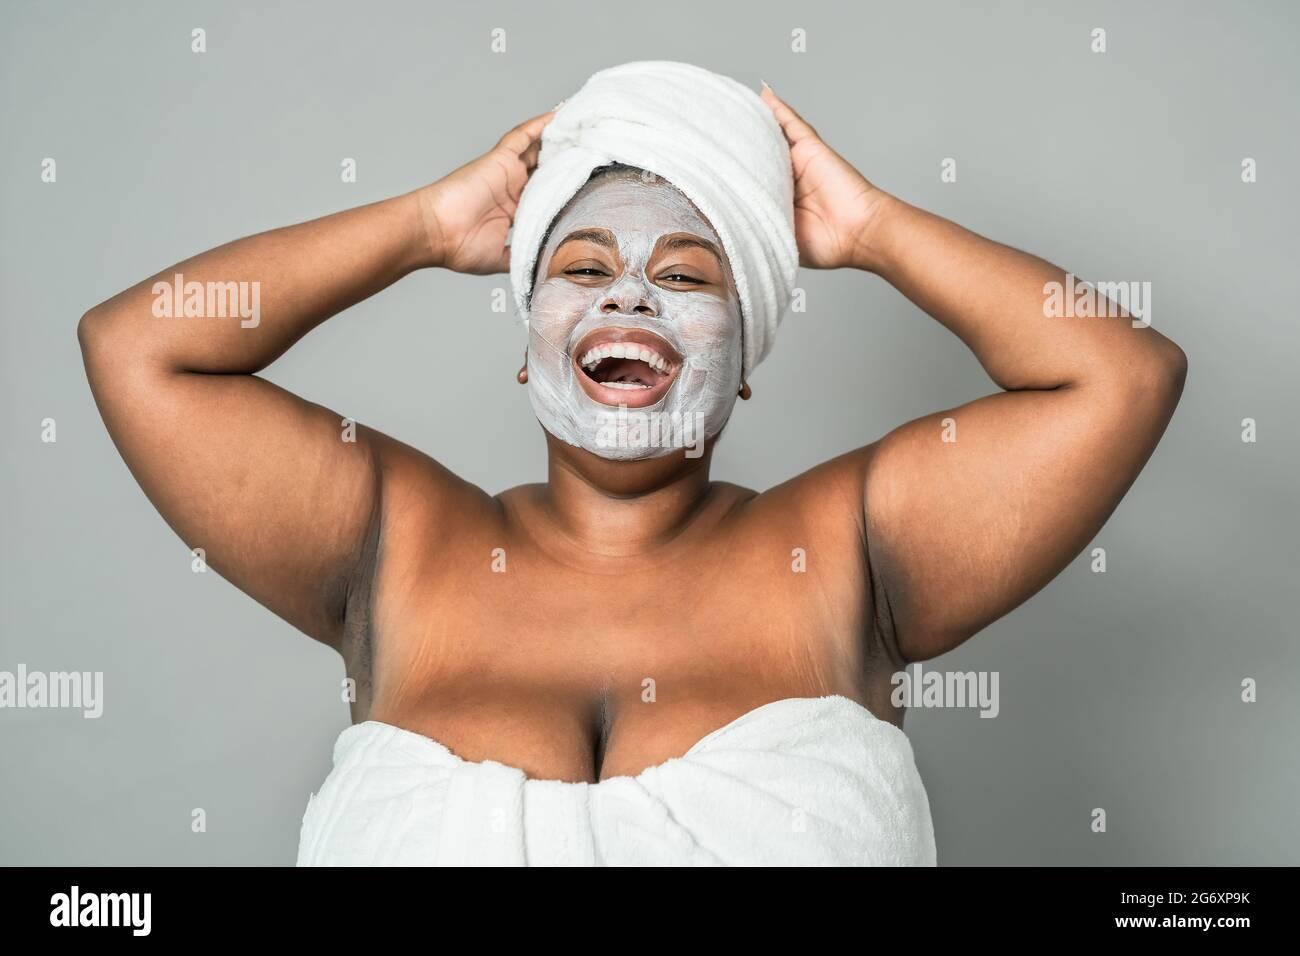 Happy Curvy femme africaine ayant soin de peau spa jour - beauté saine traitement propre et les jeunes gens style de vie concept Banque D'Images